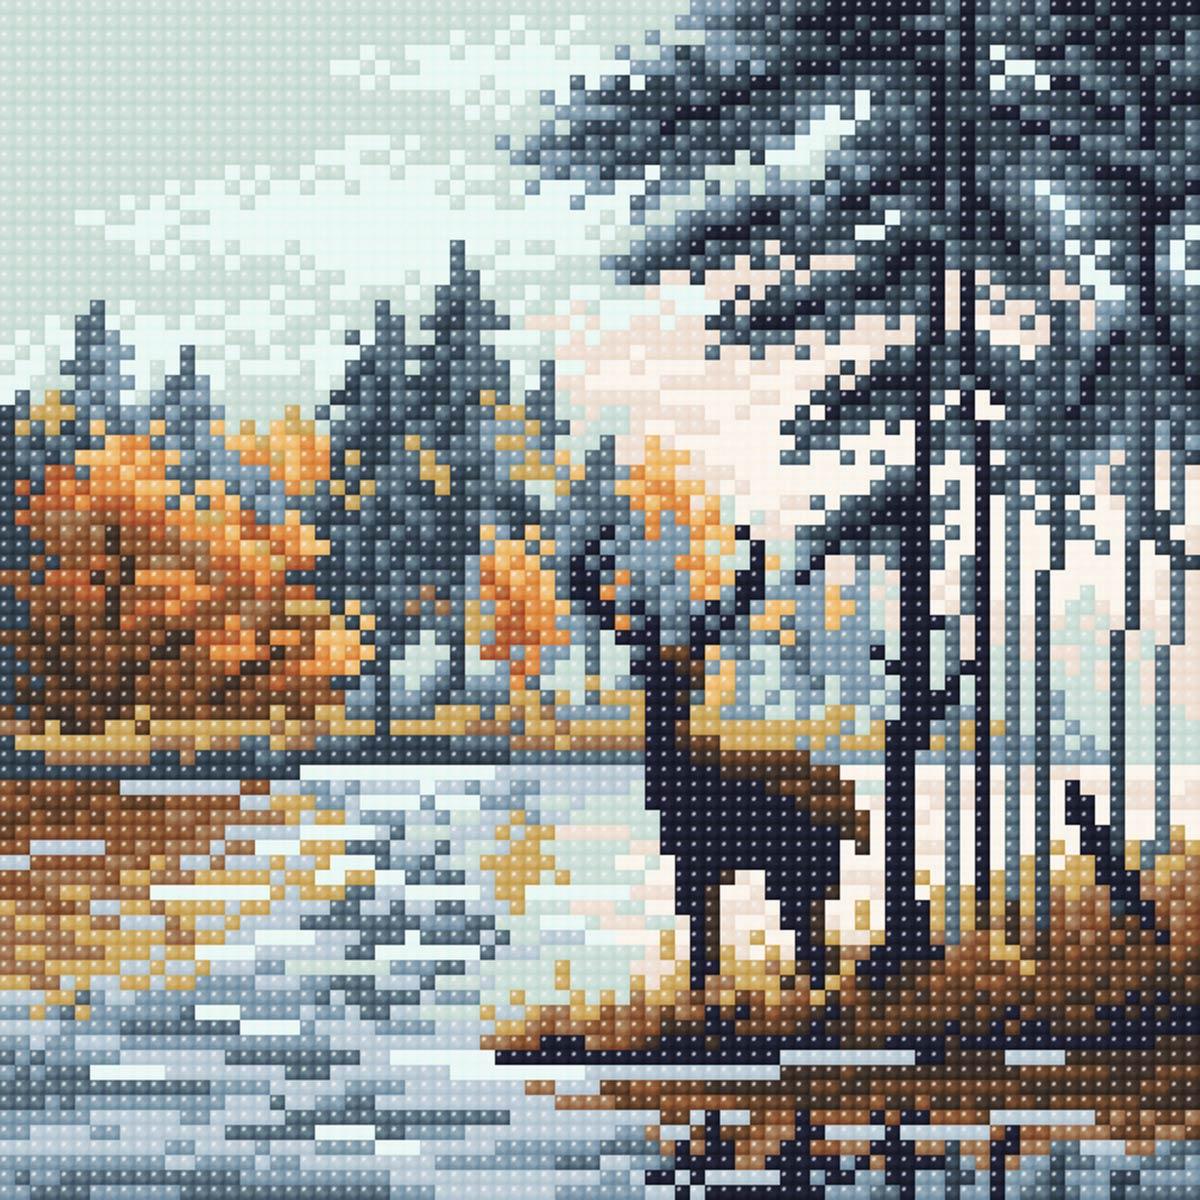 МС 056 Алмазная мозаика 'Олень в лесу'20*20см